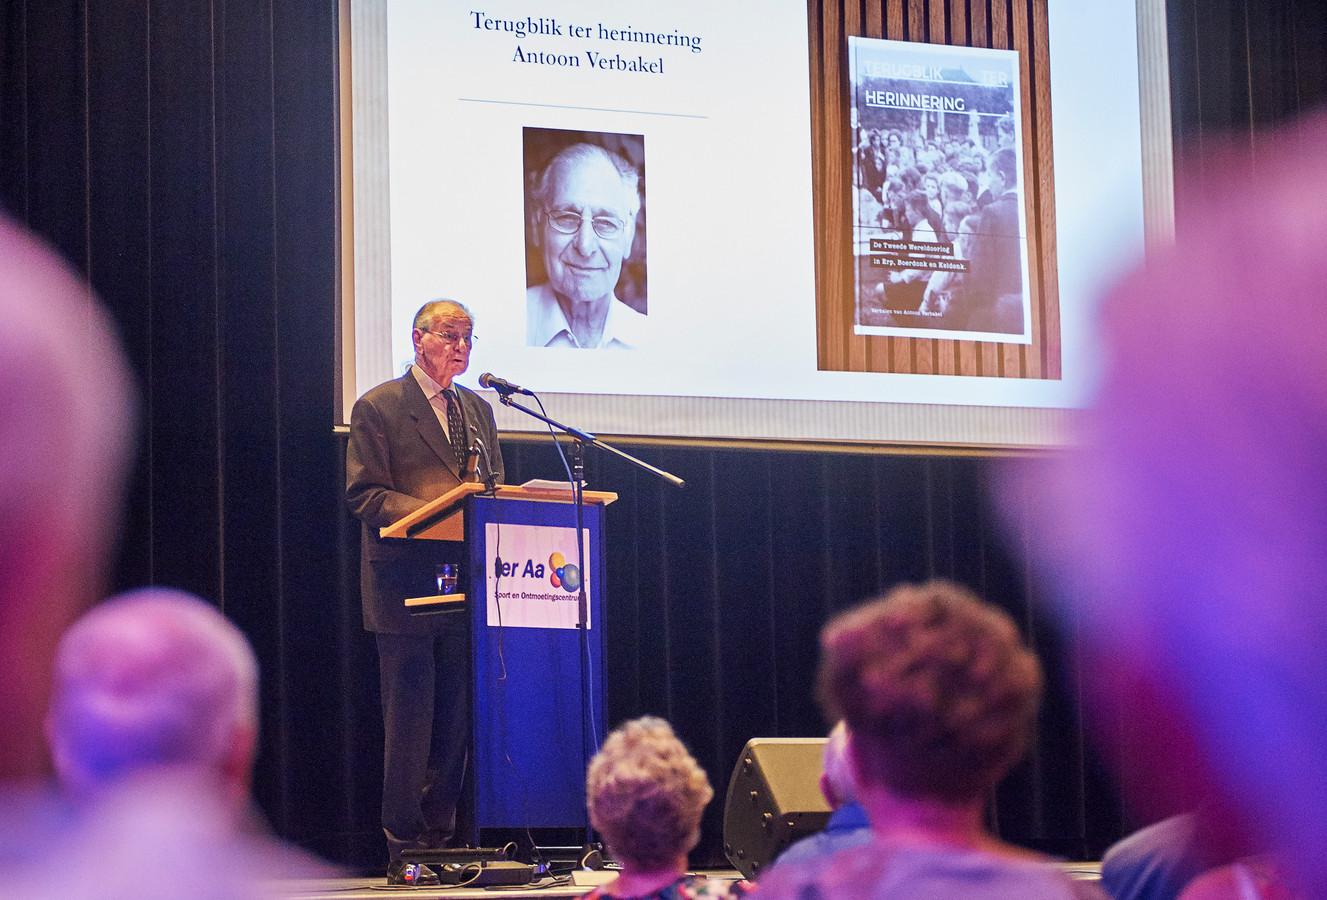 Antoon Verbakel tijdens zijn boekpresentatie over herinneringen aan de oorlog.